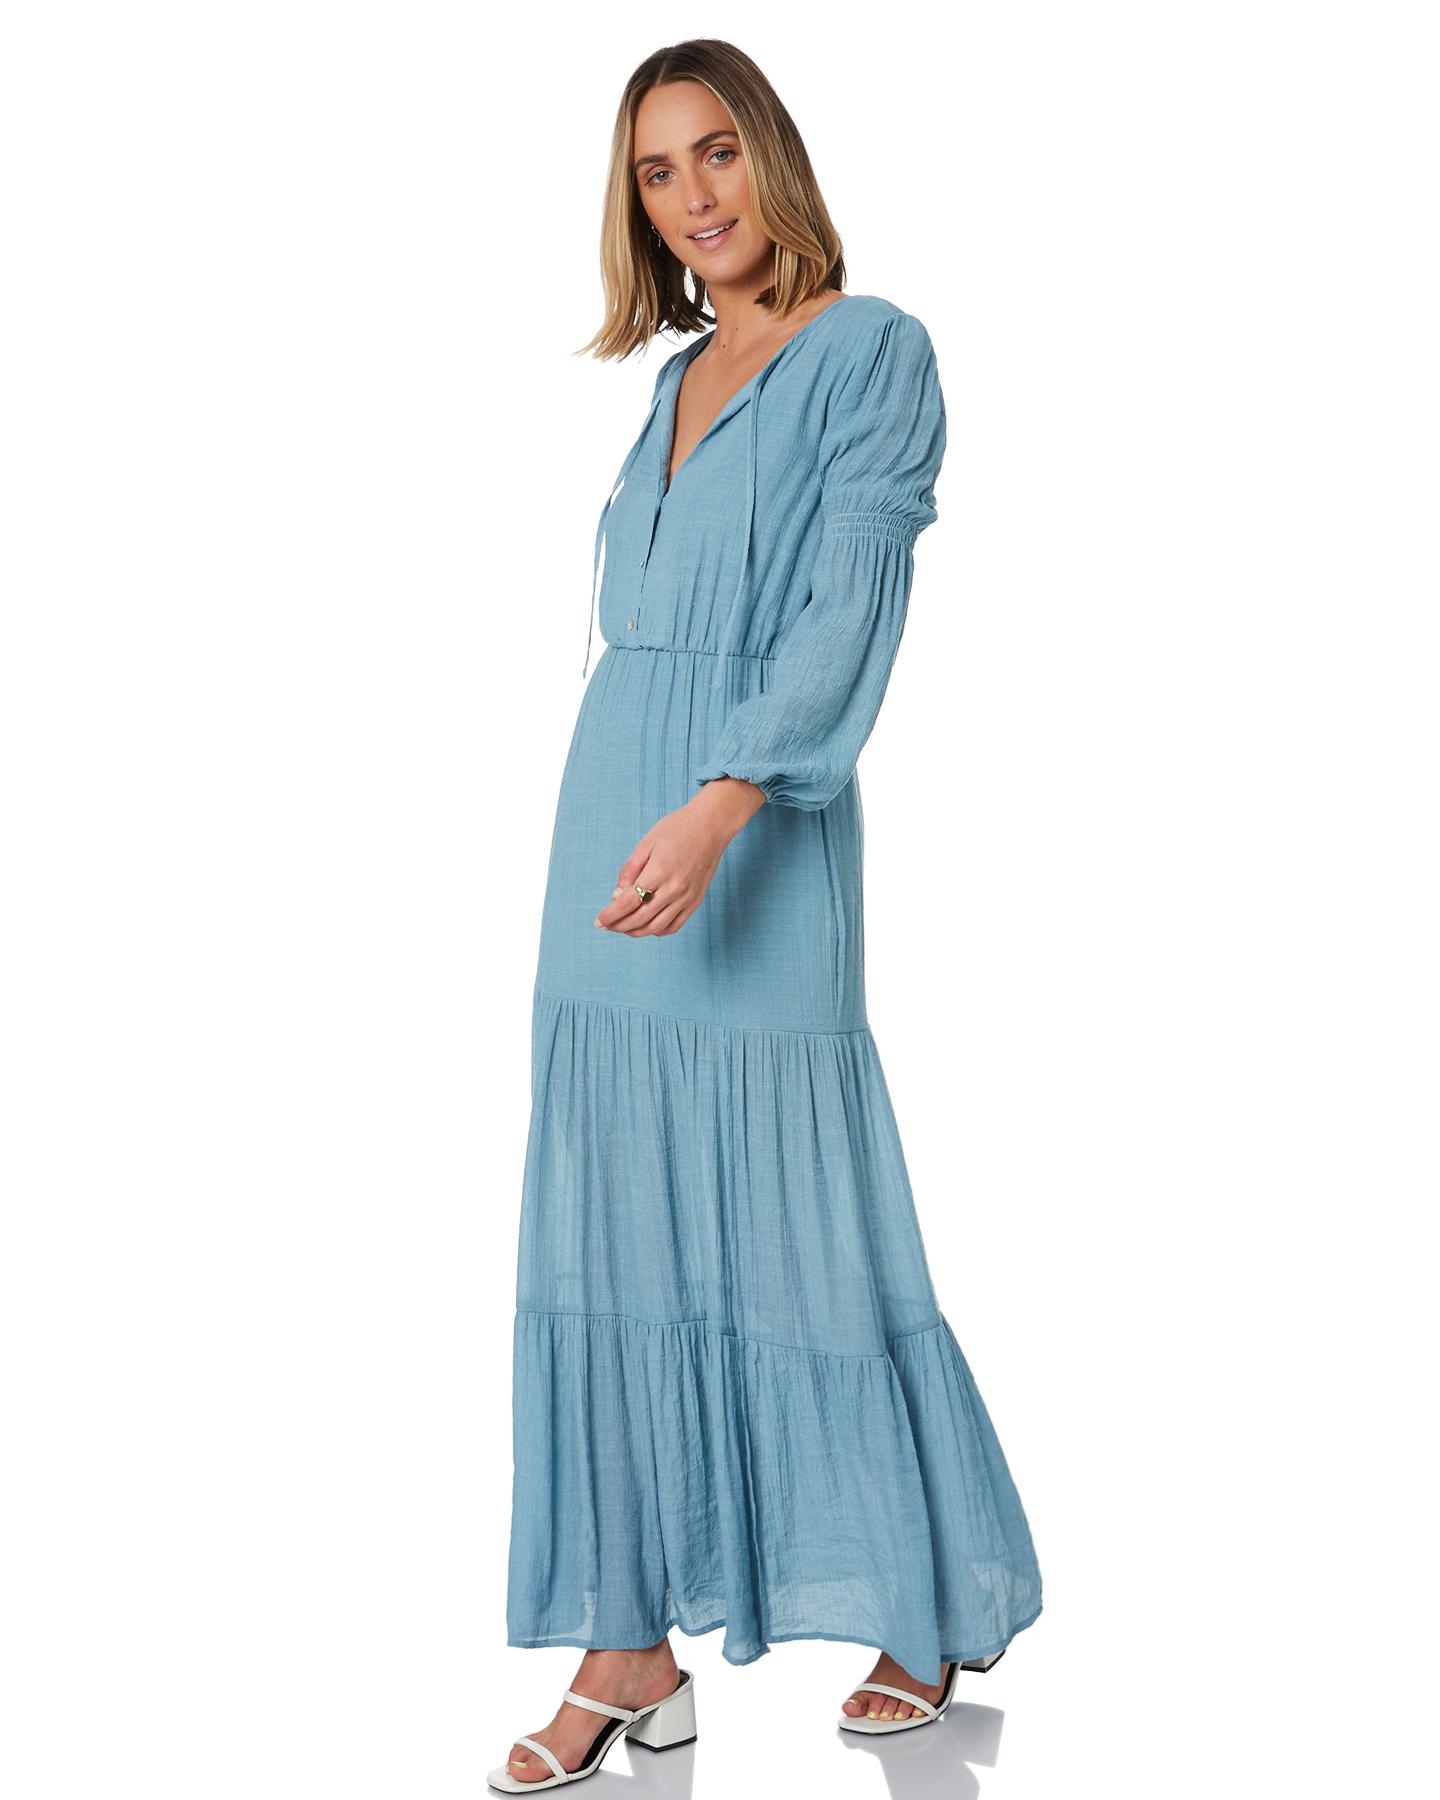 Minkpink My Wild Heart Maxi Dress Blue